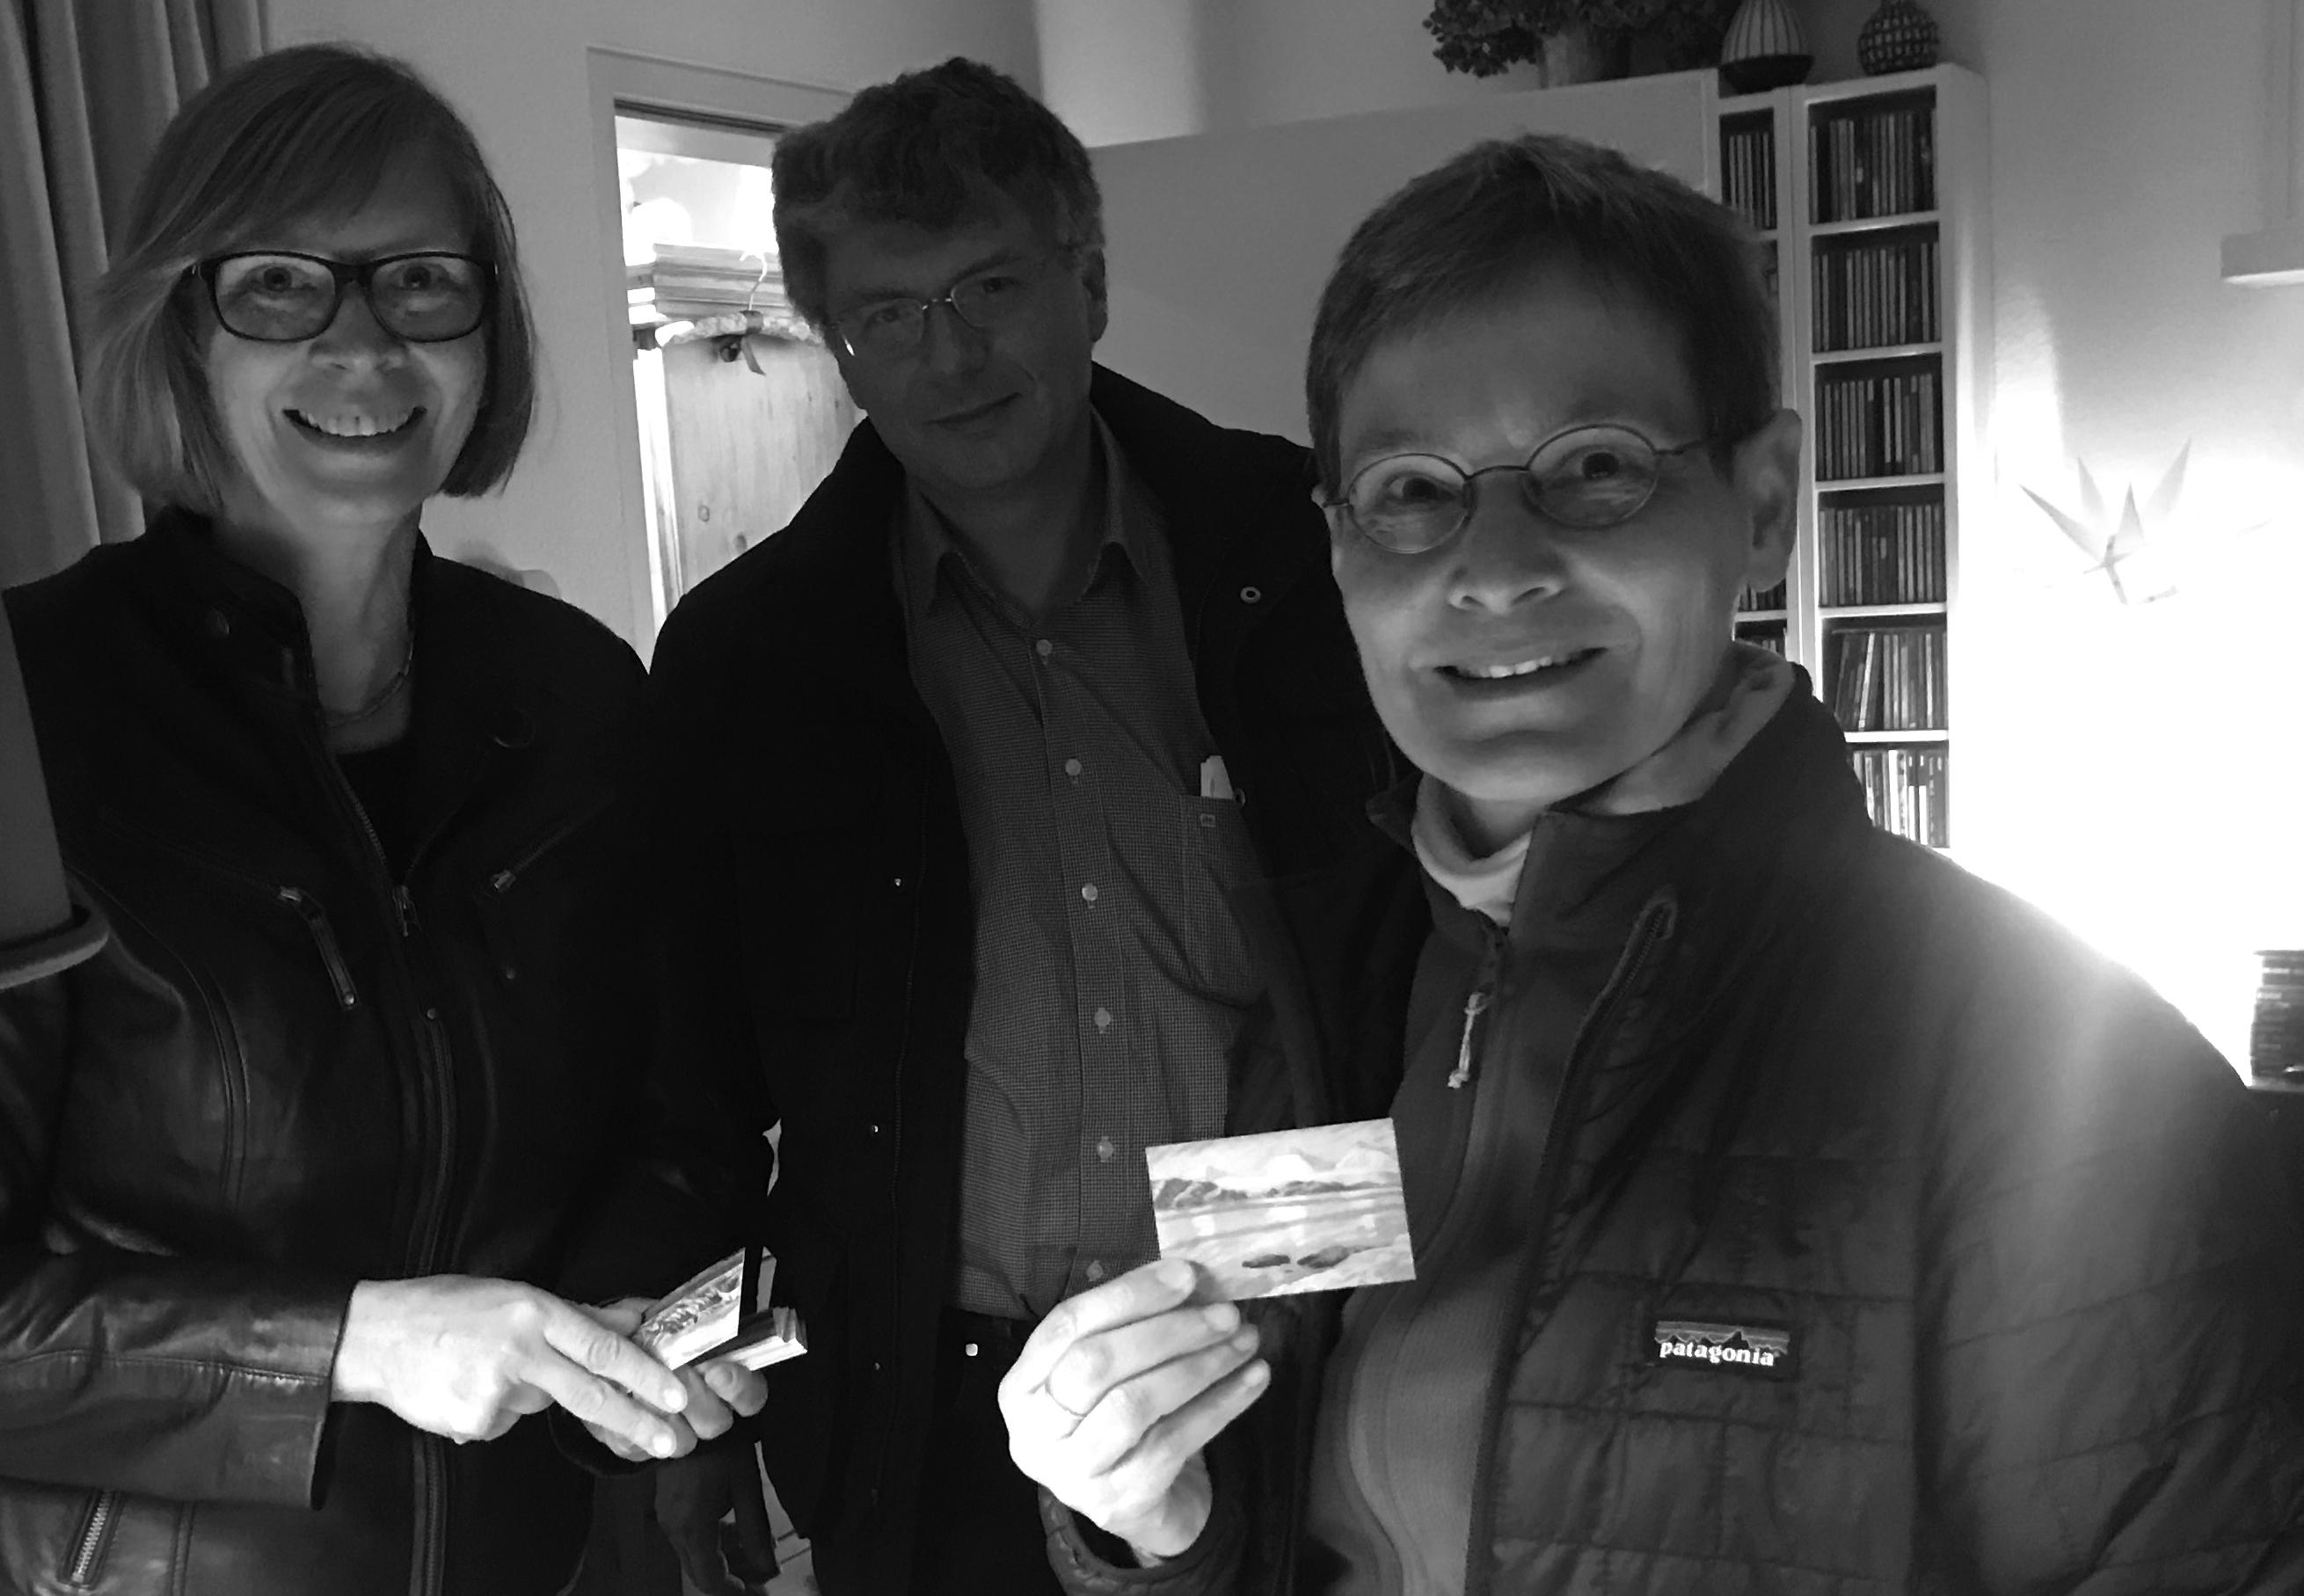 Susanne Crewell, Manfred Wendisch, Annette Rinke am 10.04.2019 in Wien